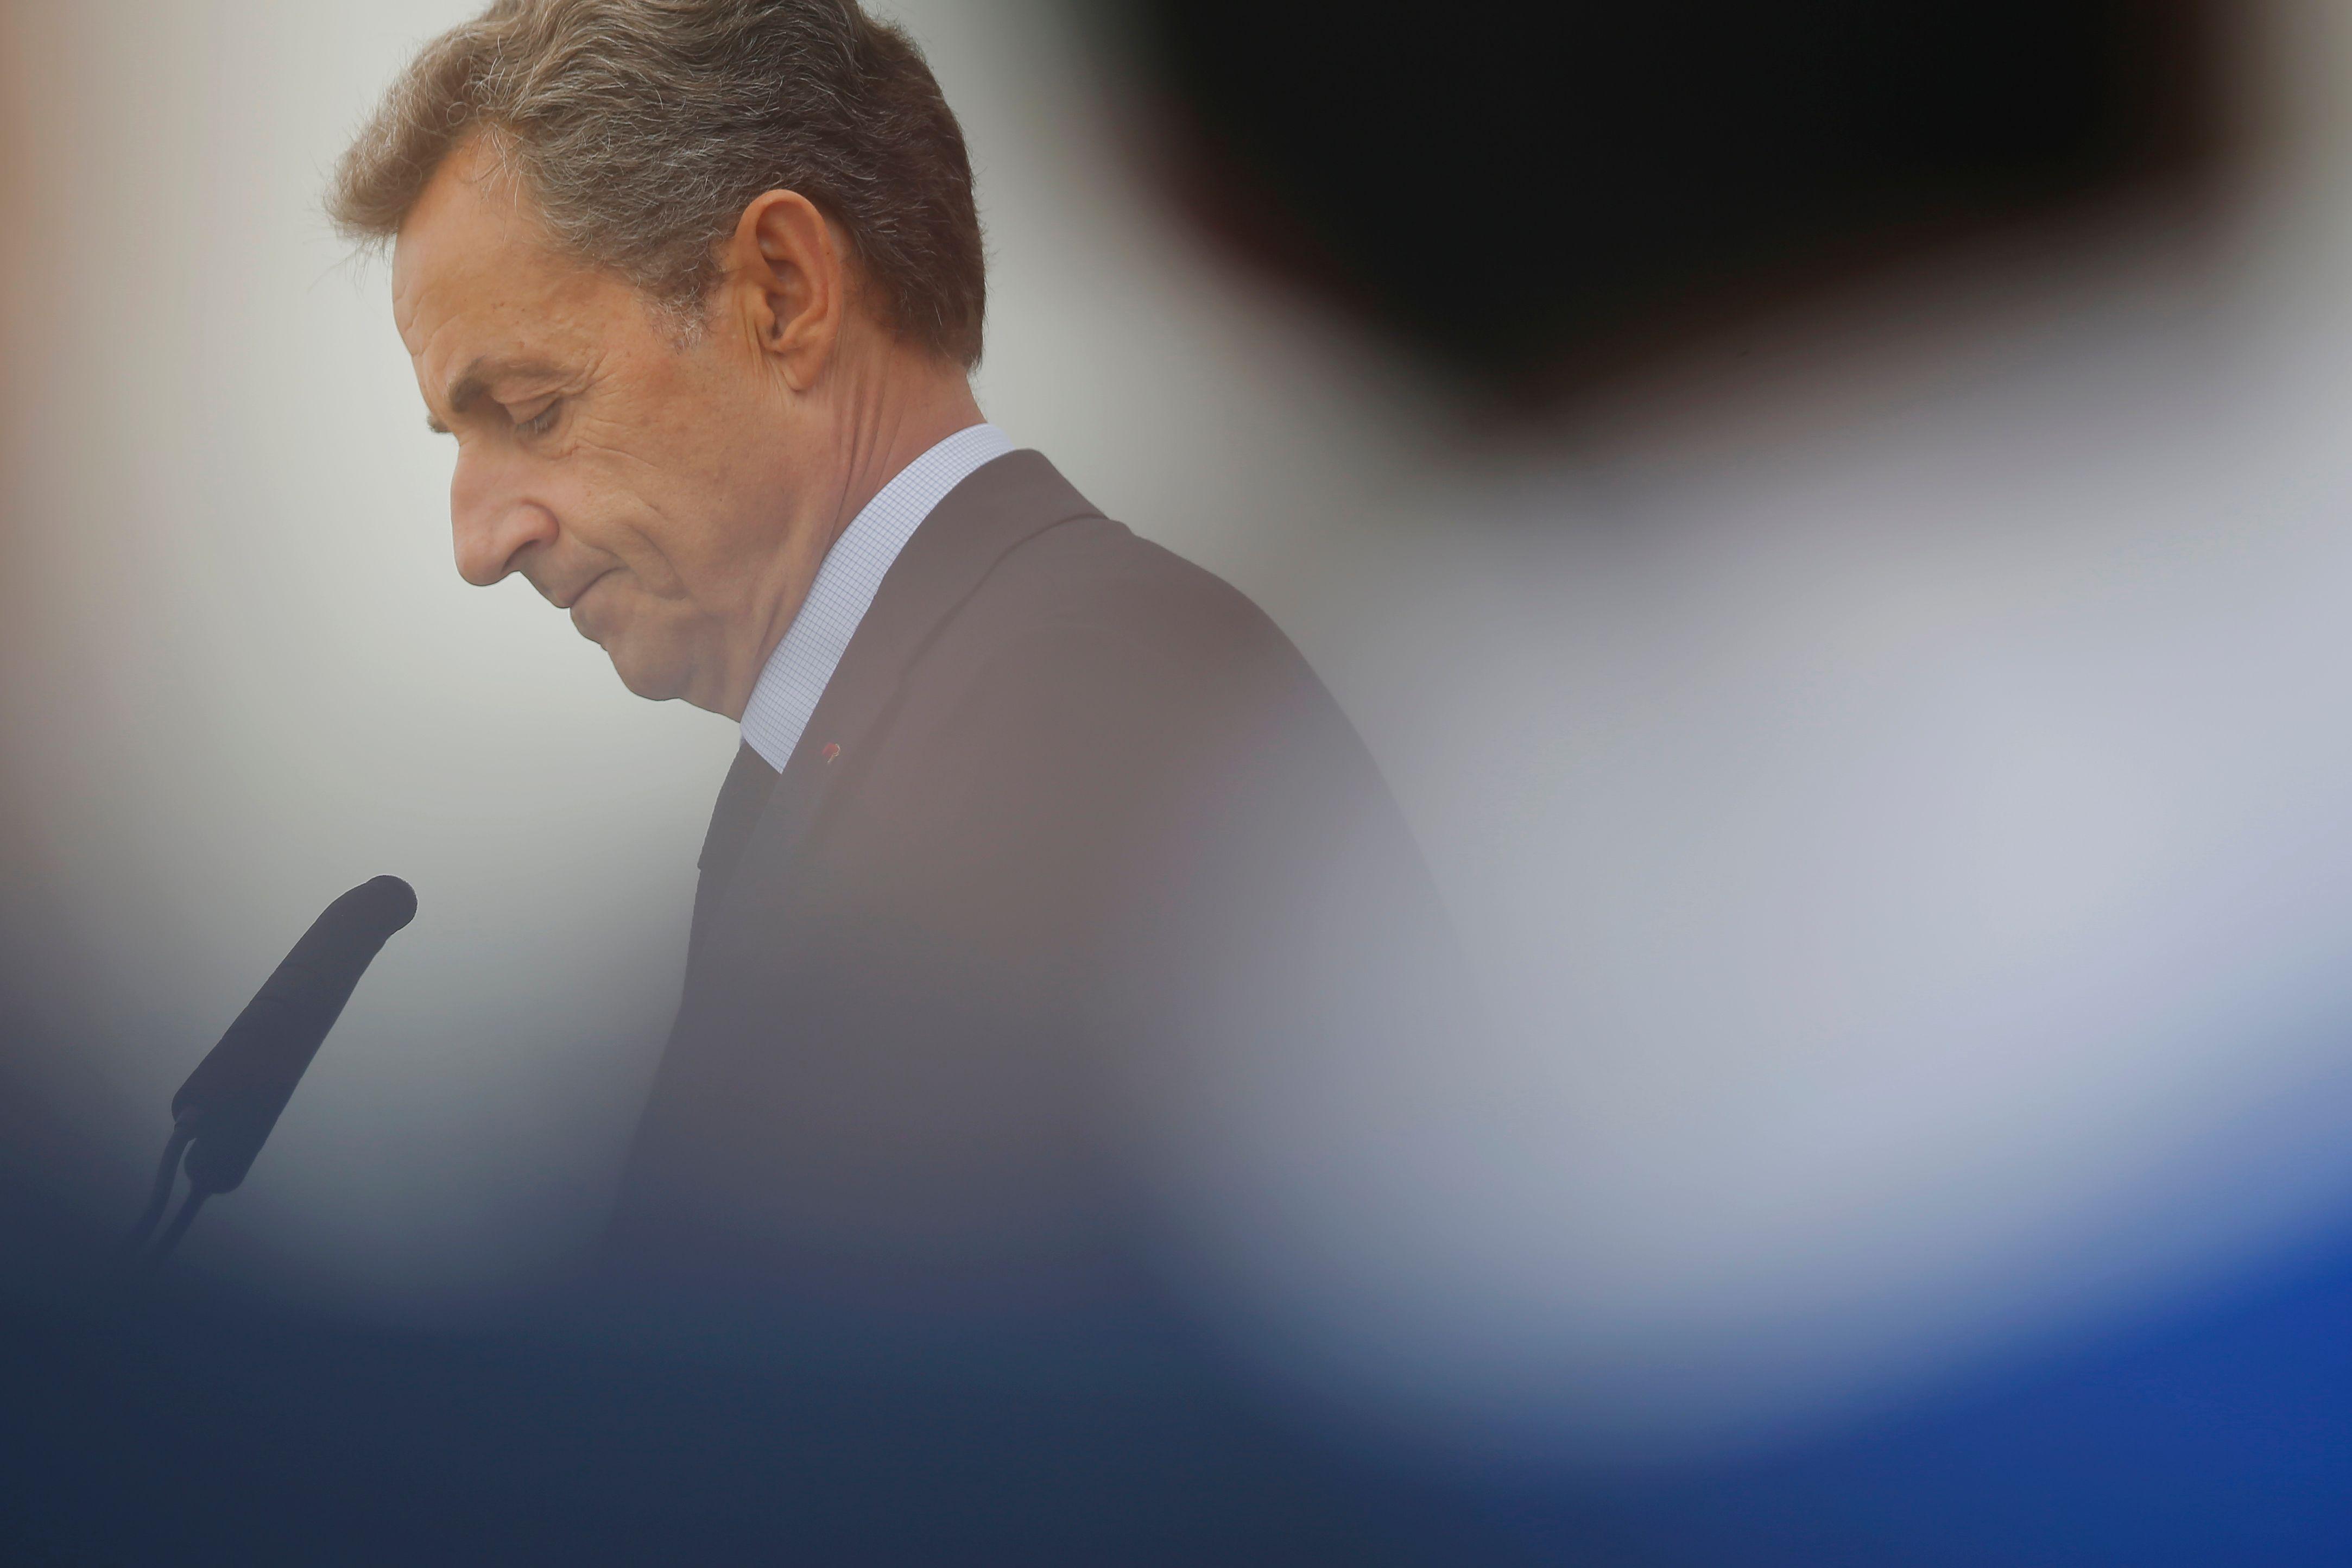 Si un rapport houleux a été entretenu entre M. Sarkozy et ses juges, aucune sanction n'a jamais été prononcée à son encontre car rien n'a été sérieusement démontré.